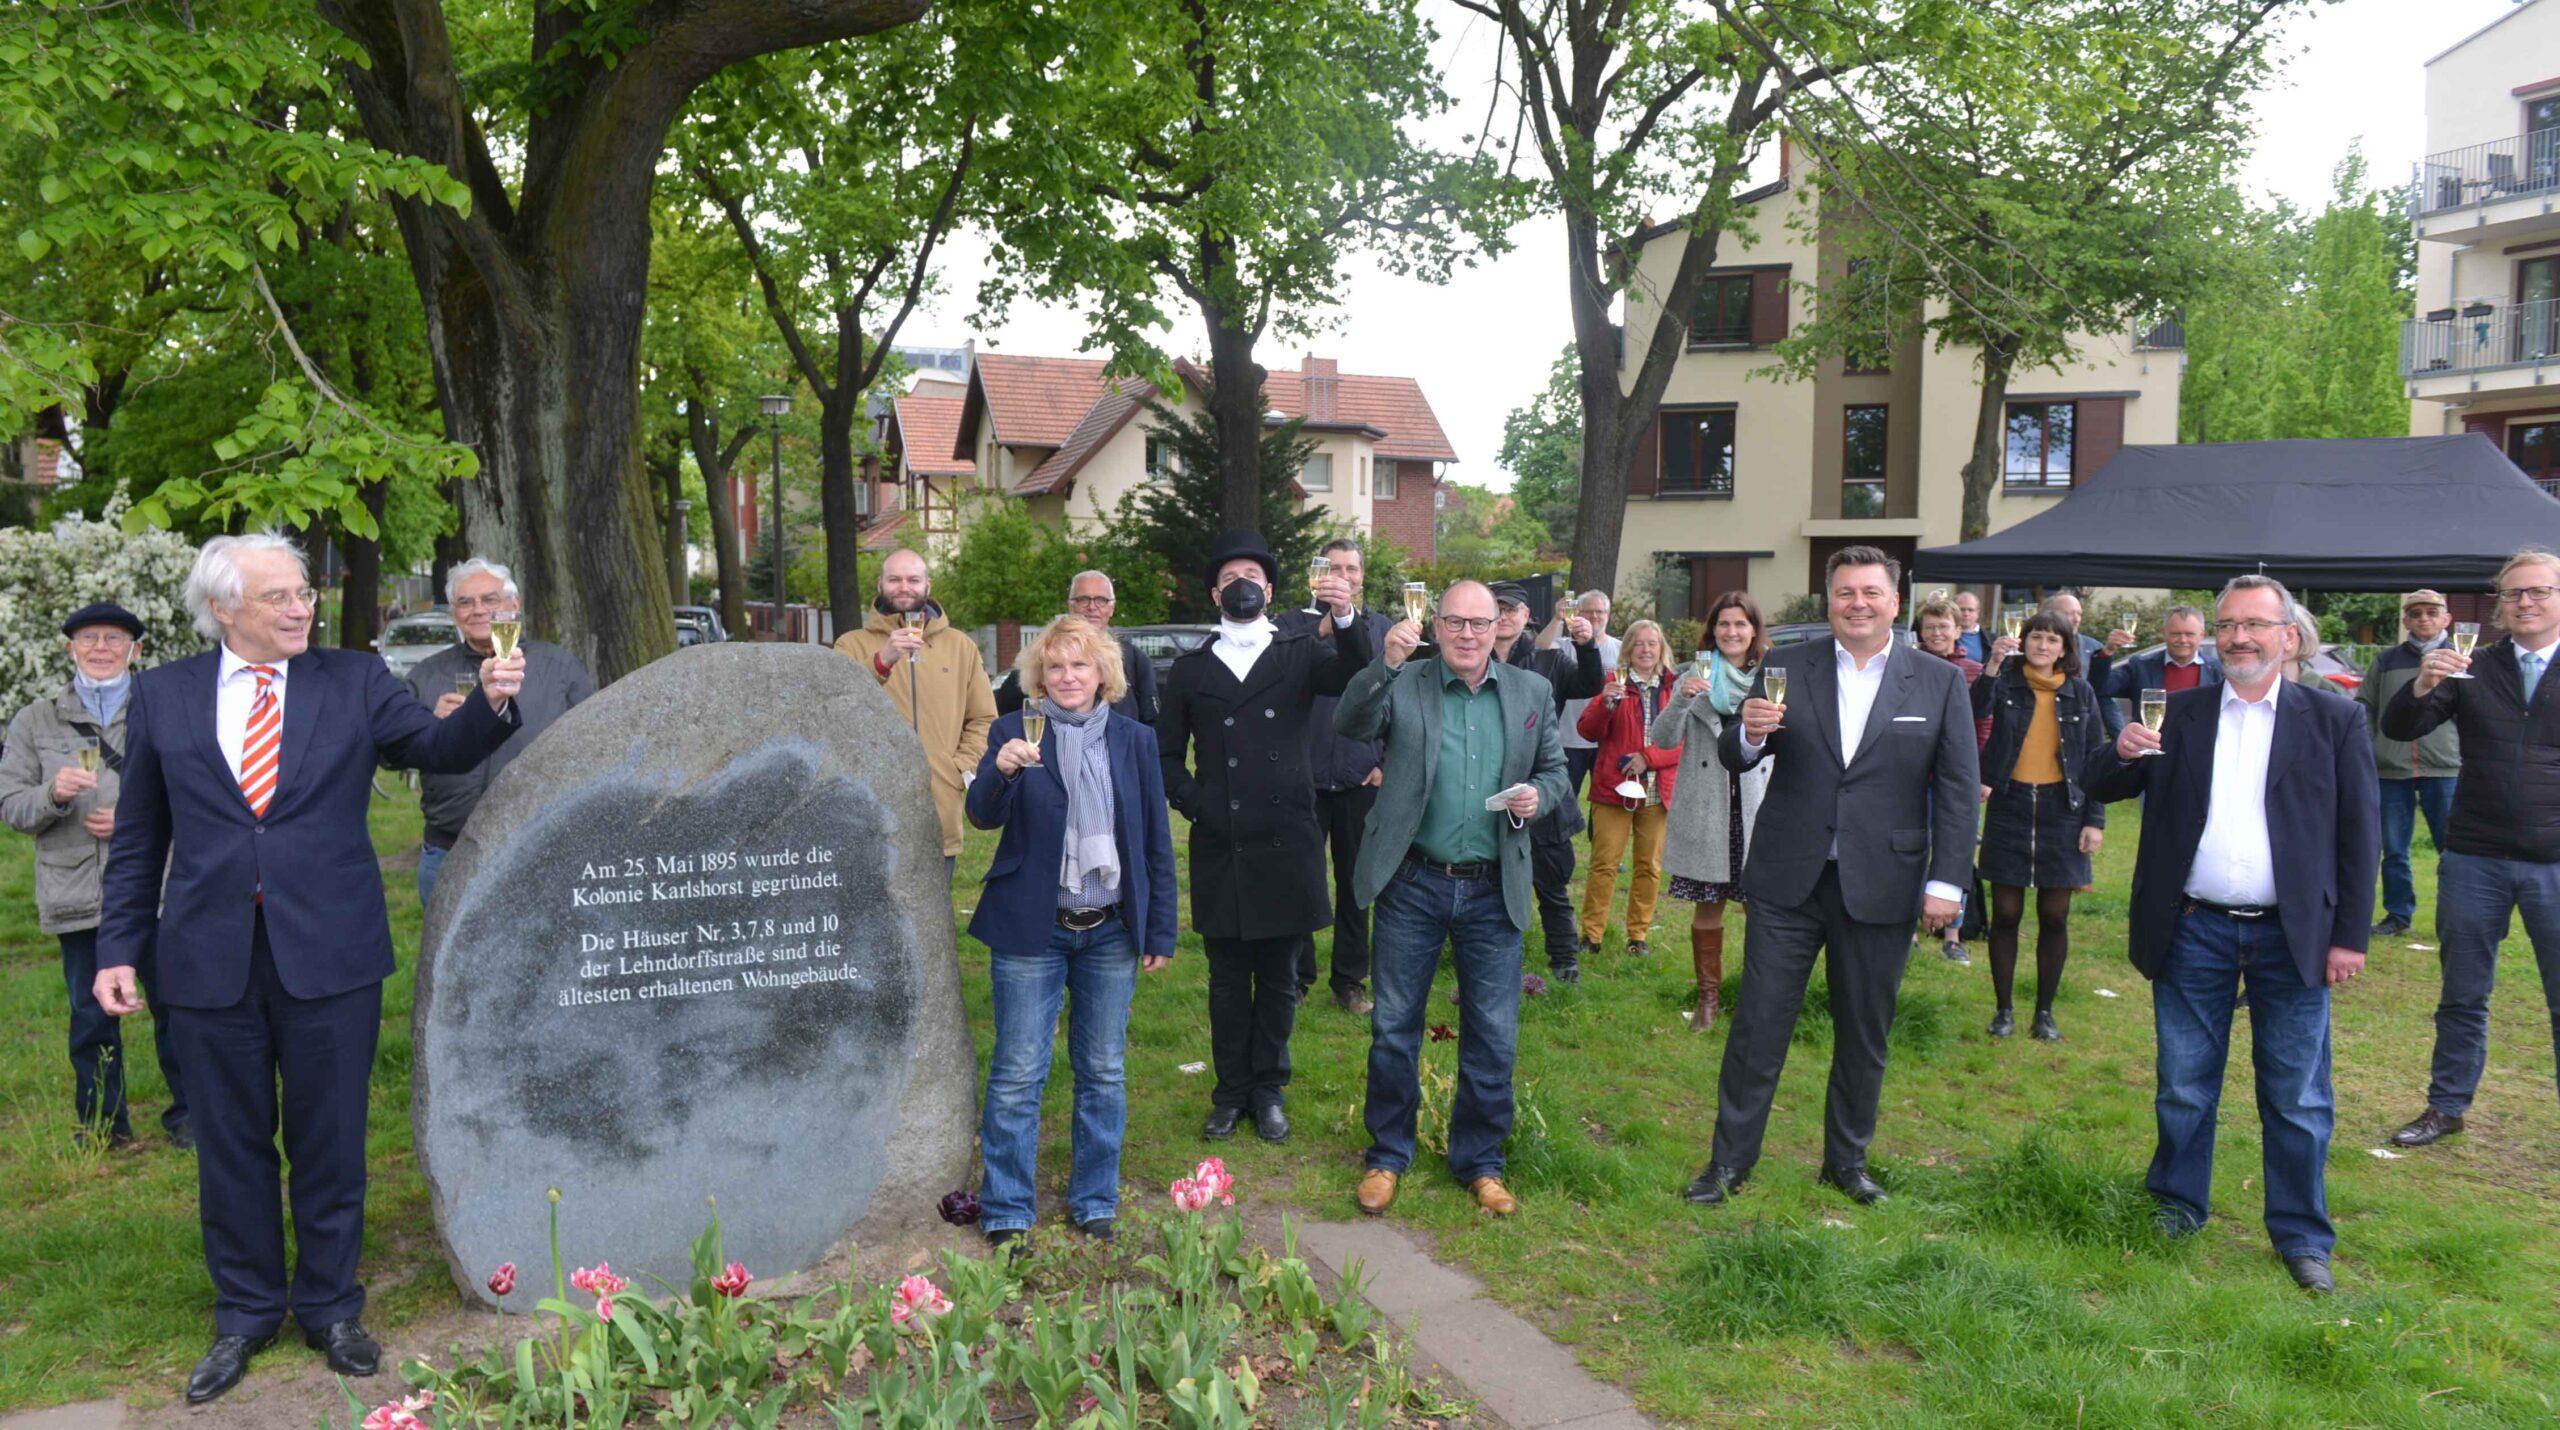 125 Jahre Karlshorst: Jubiläumsfeier nur in kleinem Rahmen